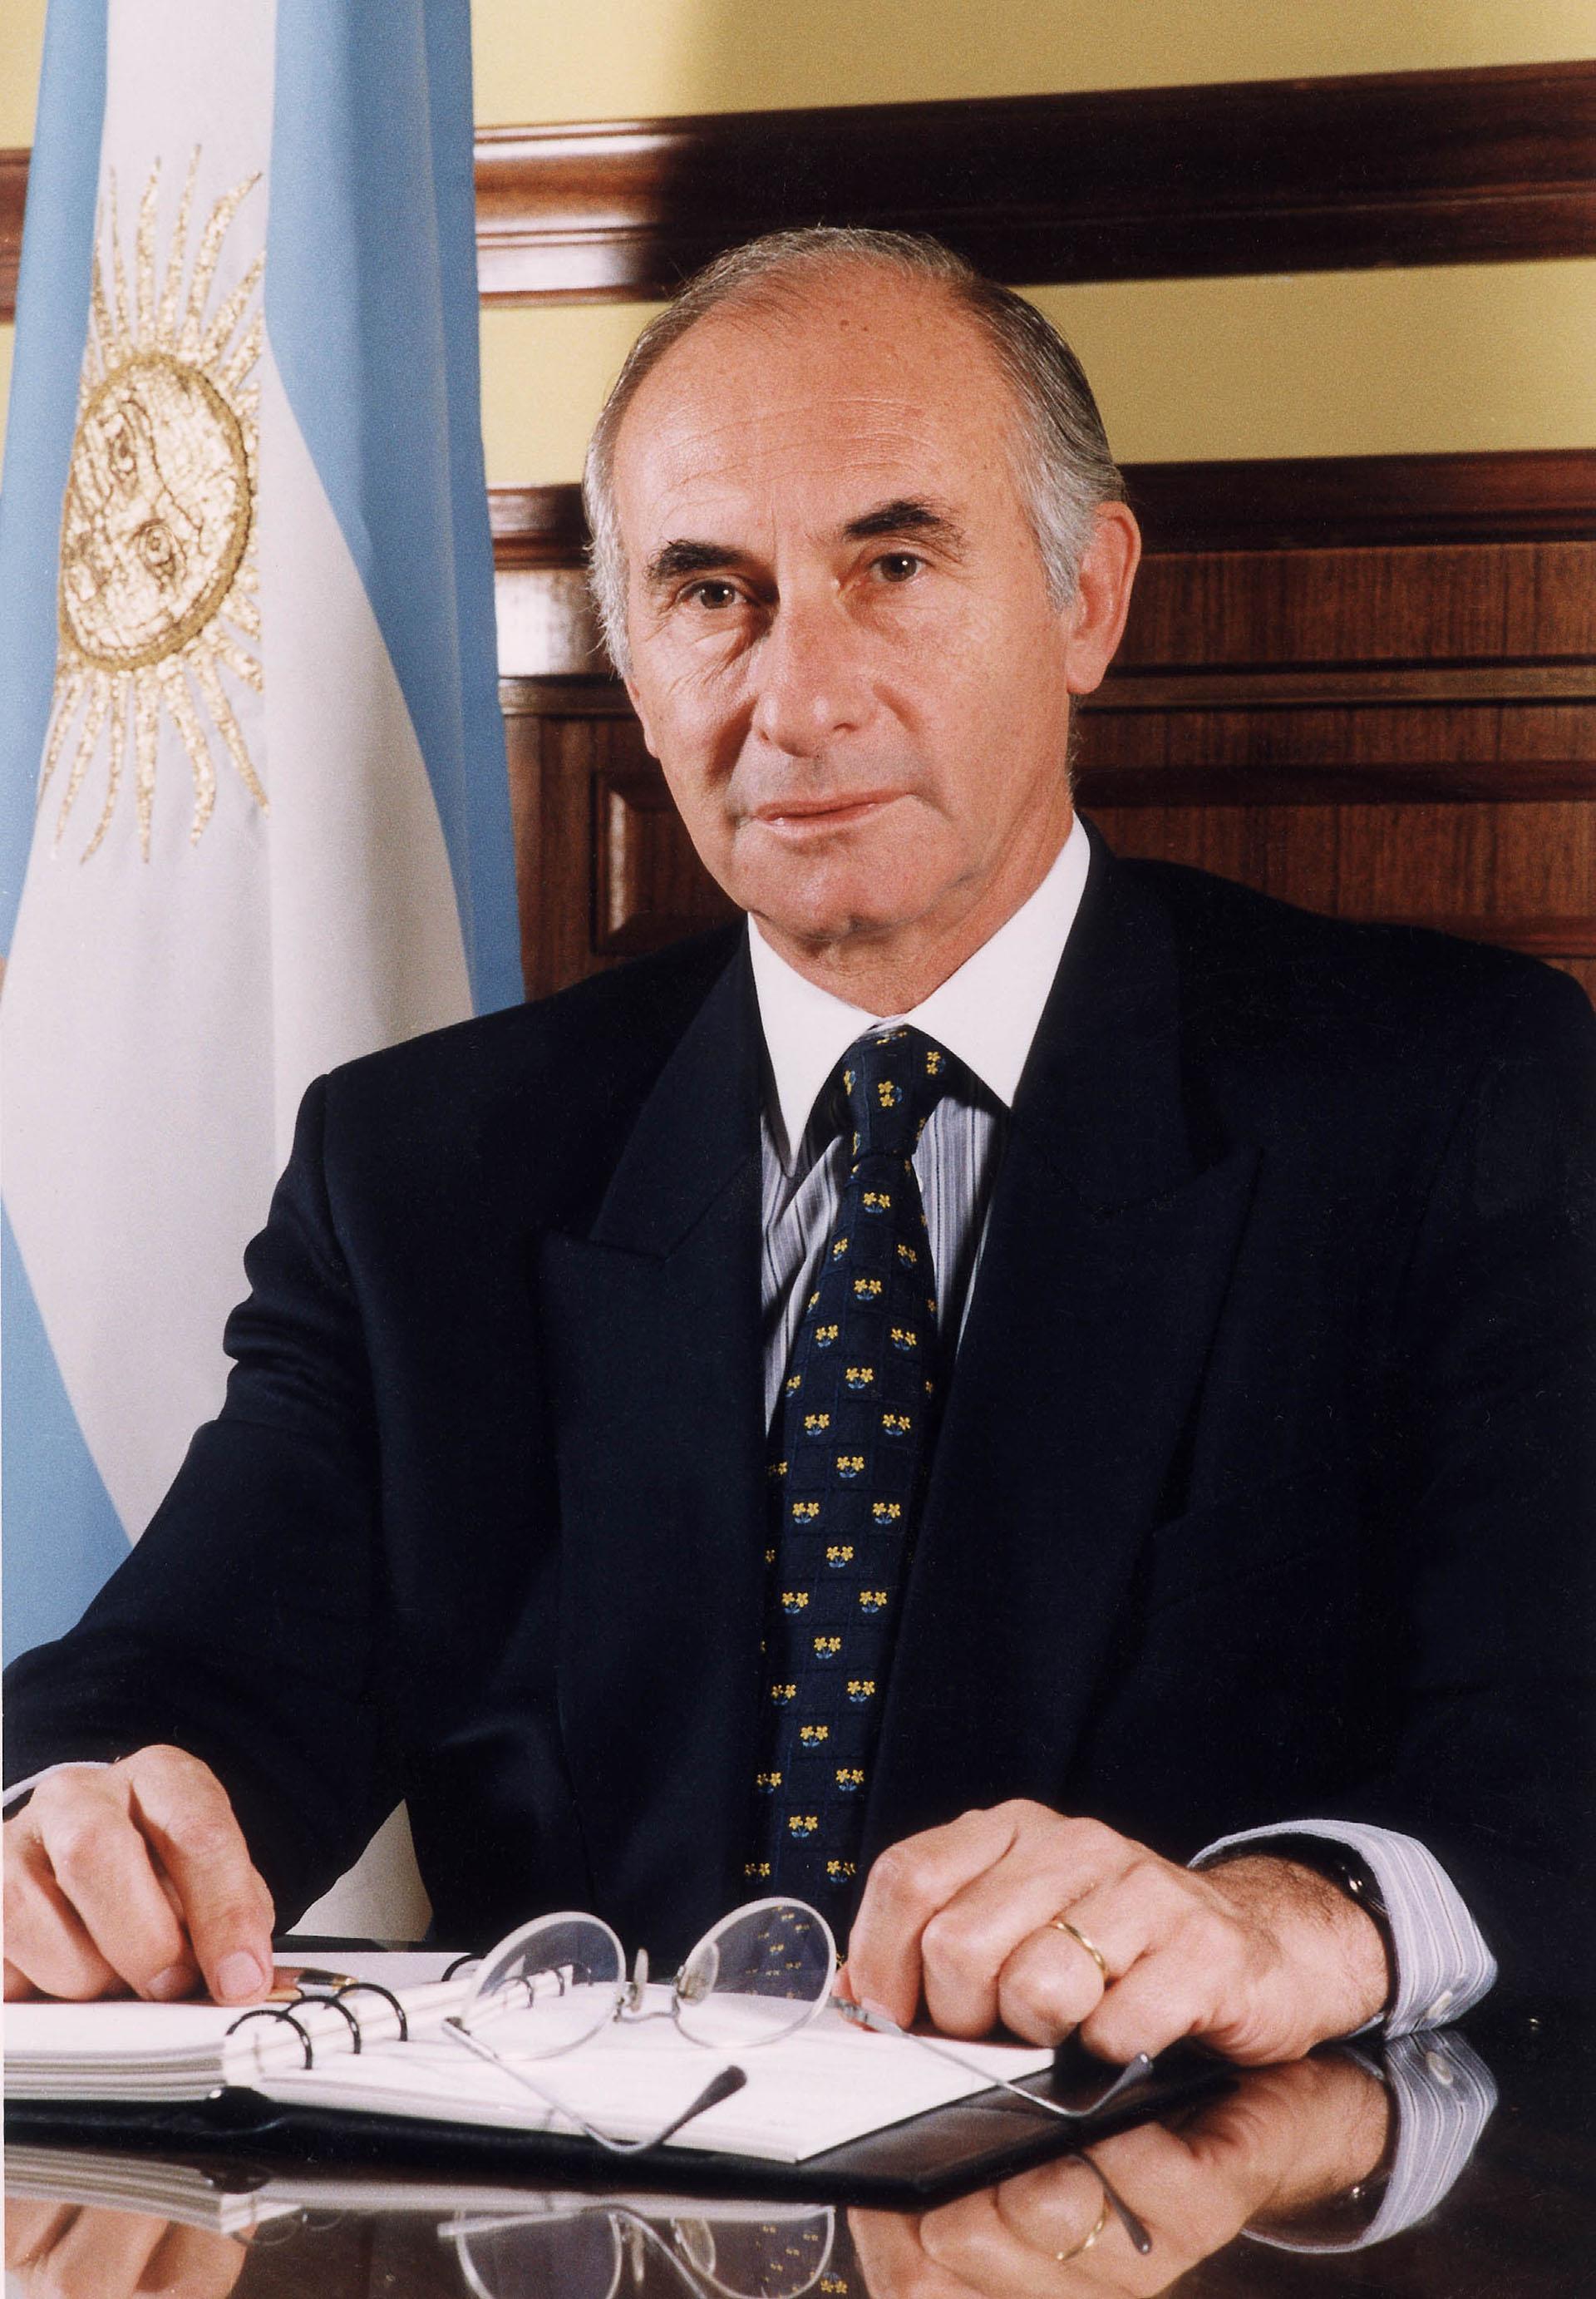 En diciembre de 1999 se convirtió en el cuarto presidente democrático de la Argentina desde el fin de la dictadura en 1983. Antes trabajó como abogado, legislador y senador